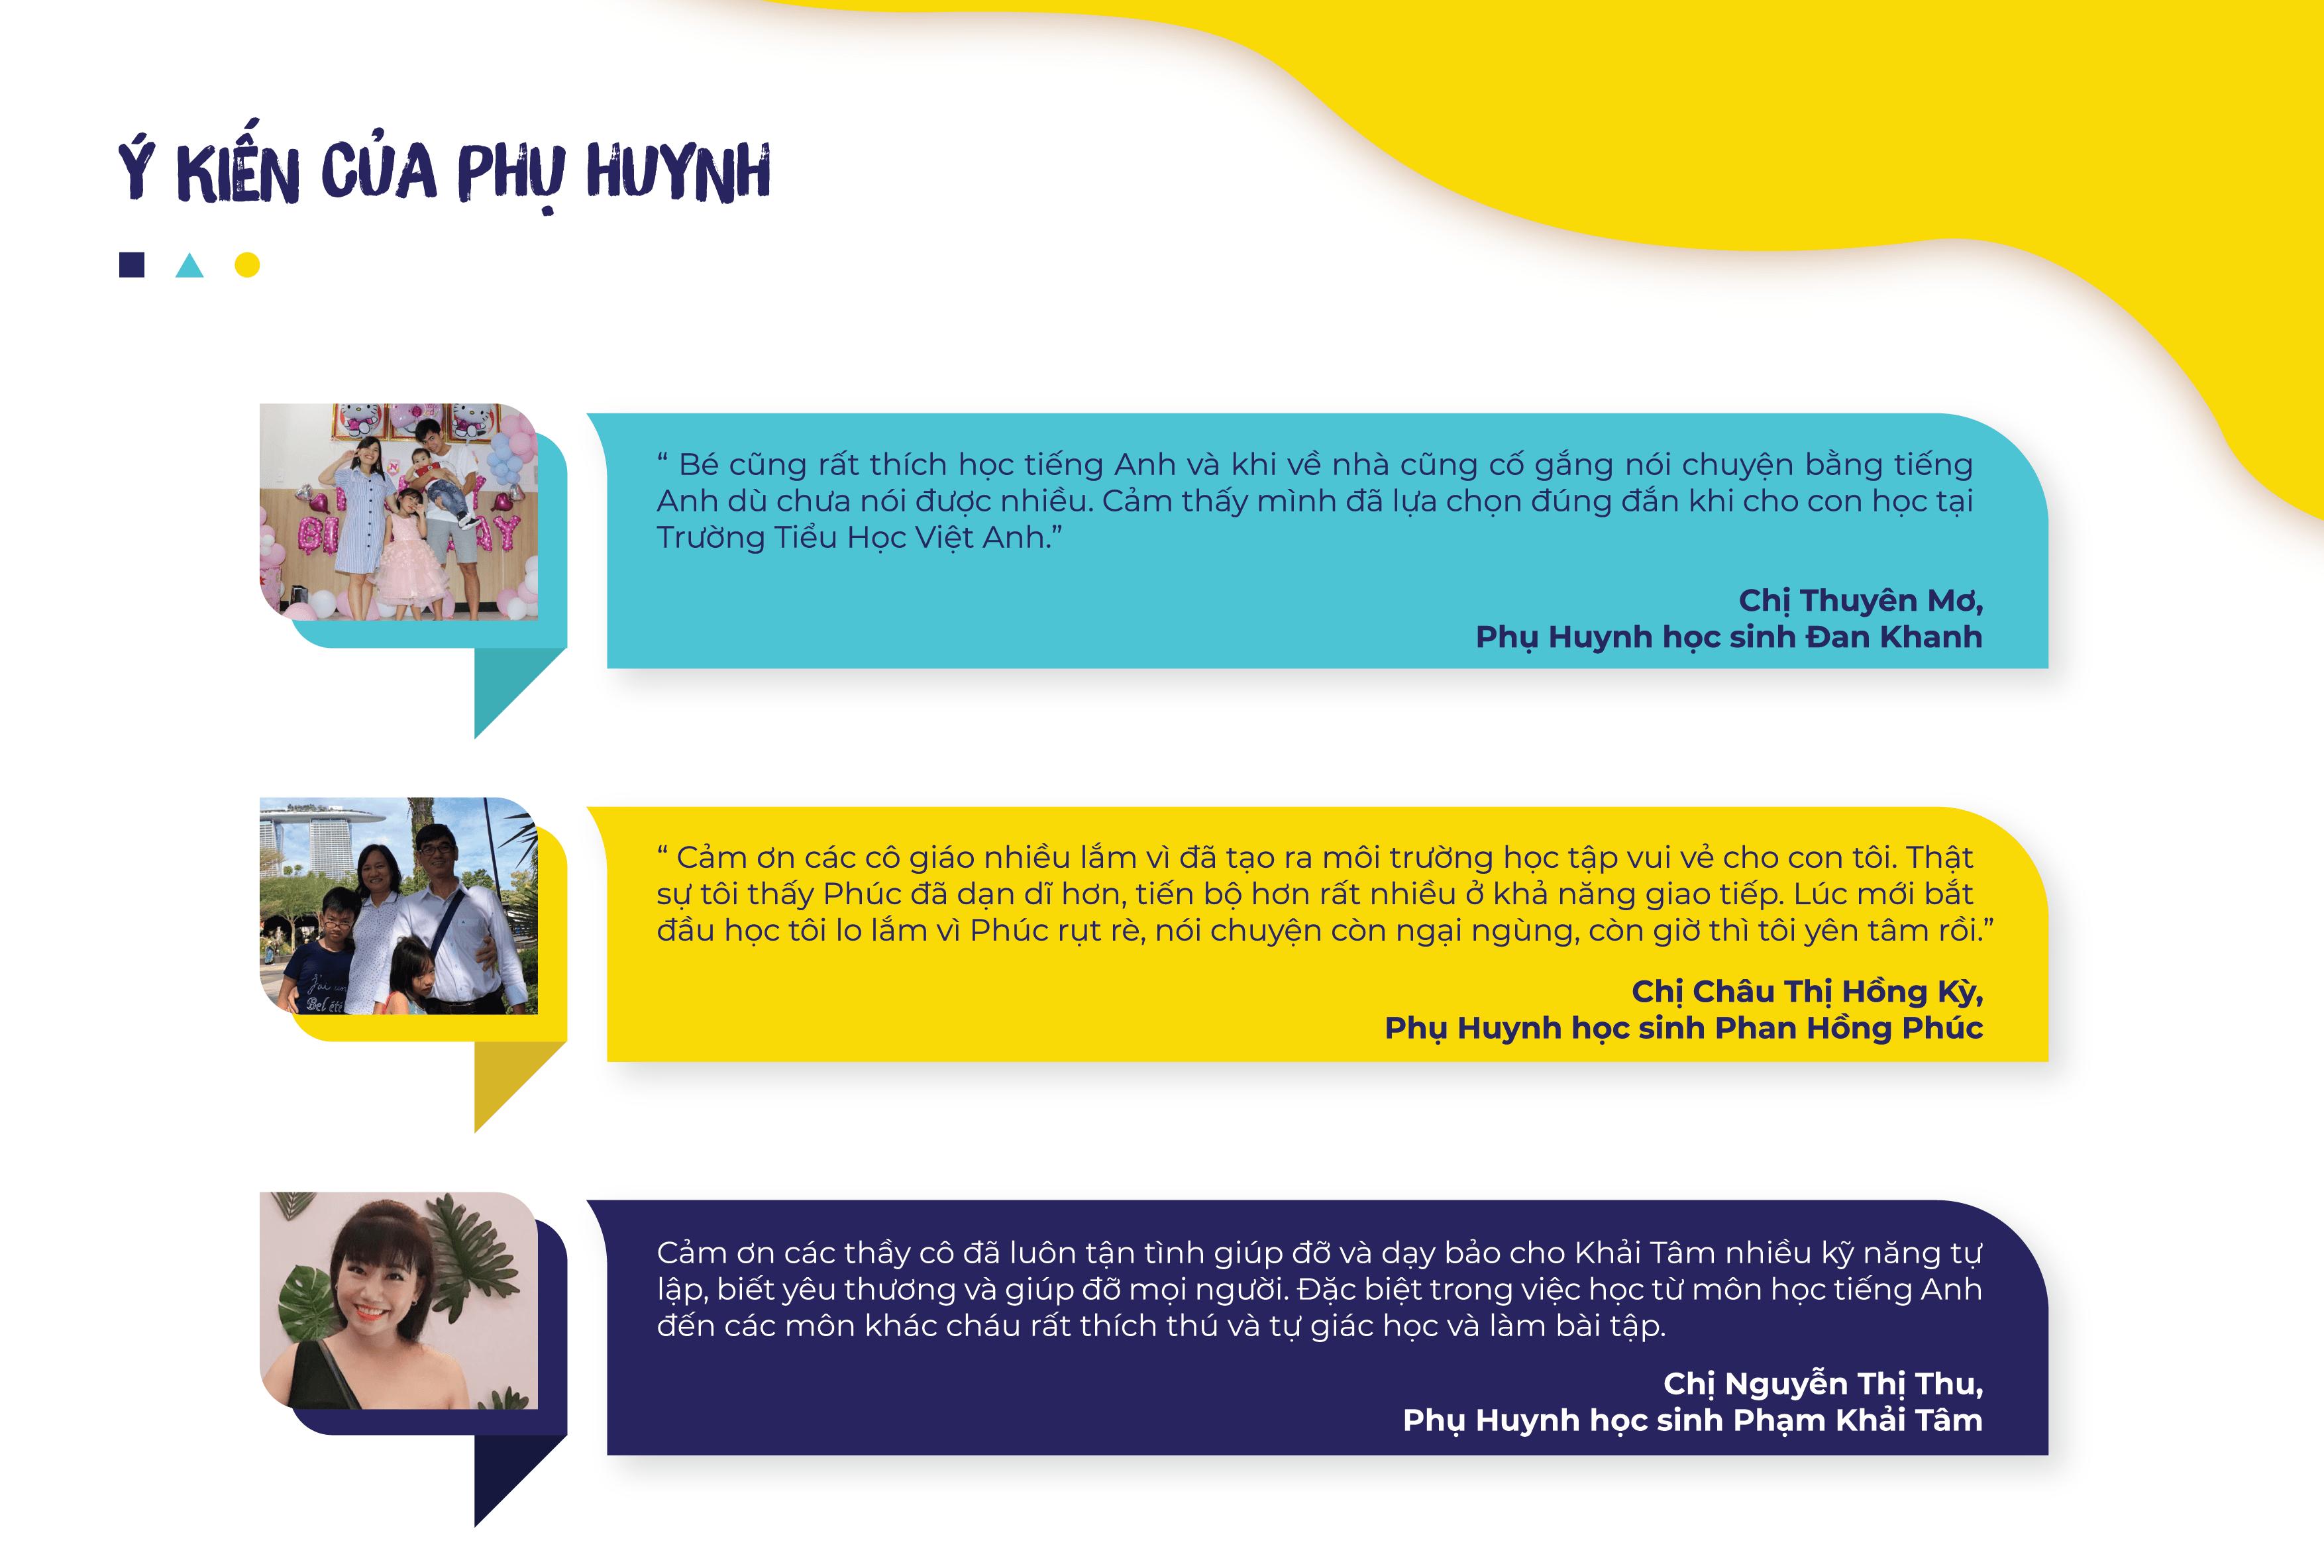 Ý kiến phụ huynh về Tiểu Học Việt Anh TPHCM 2020